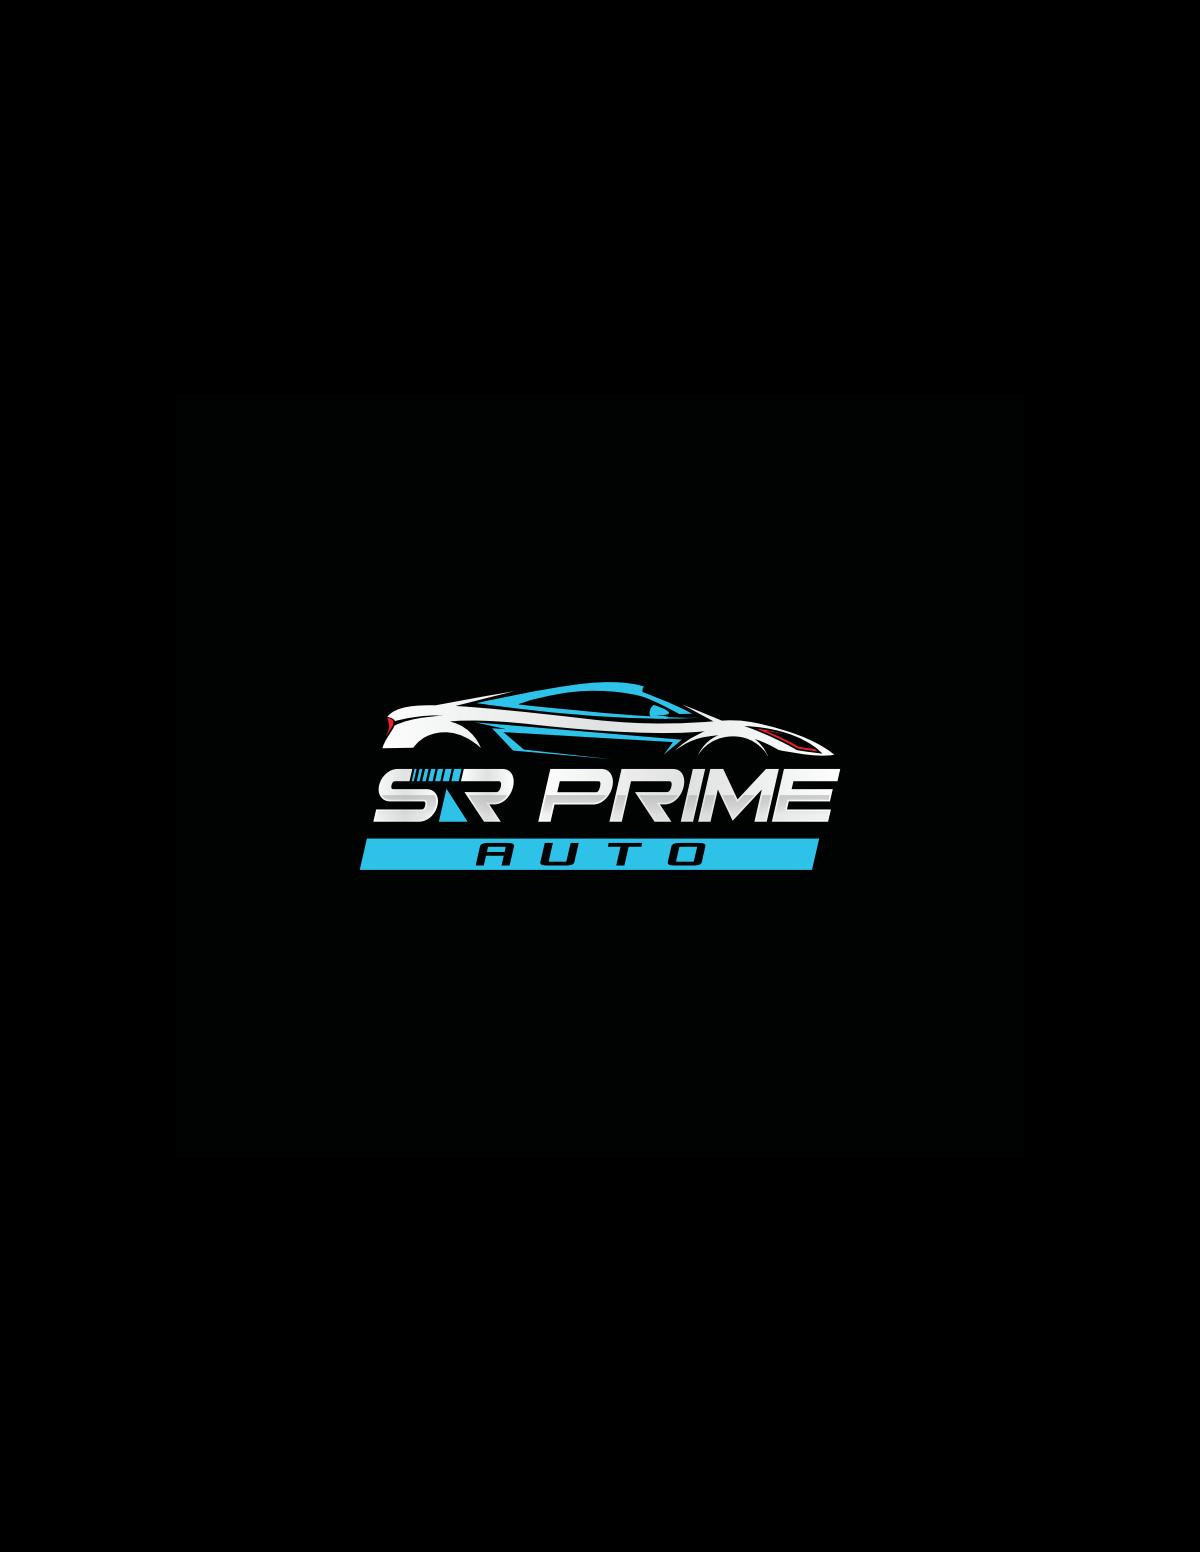 SR Prime Auto